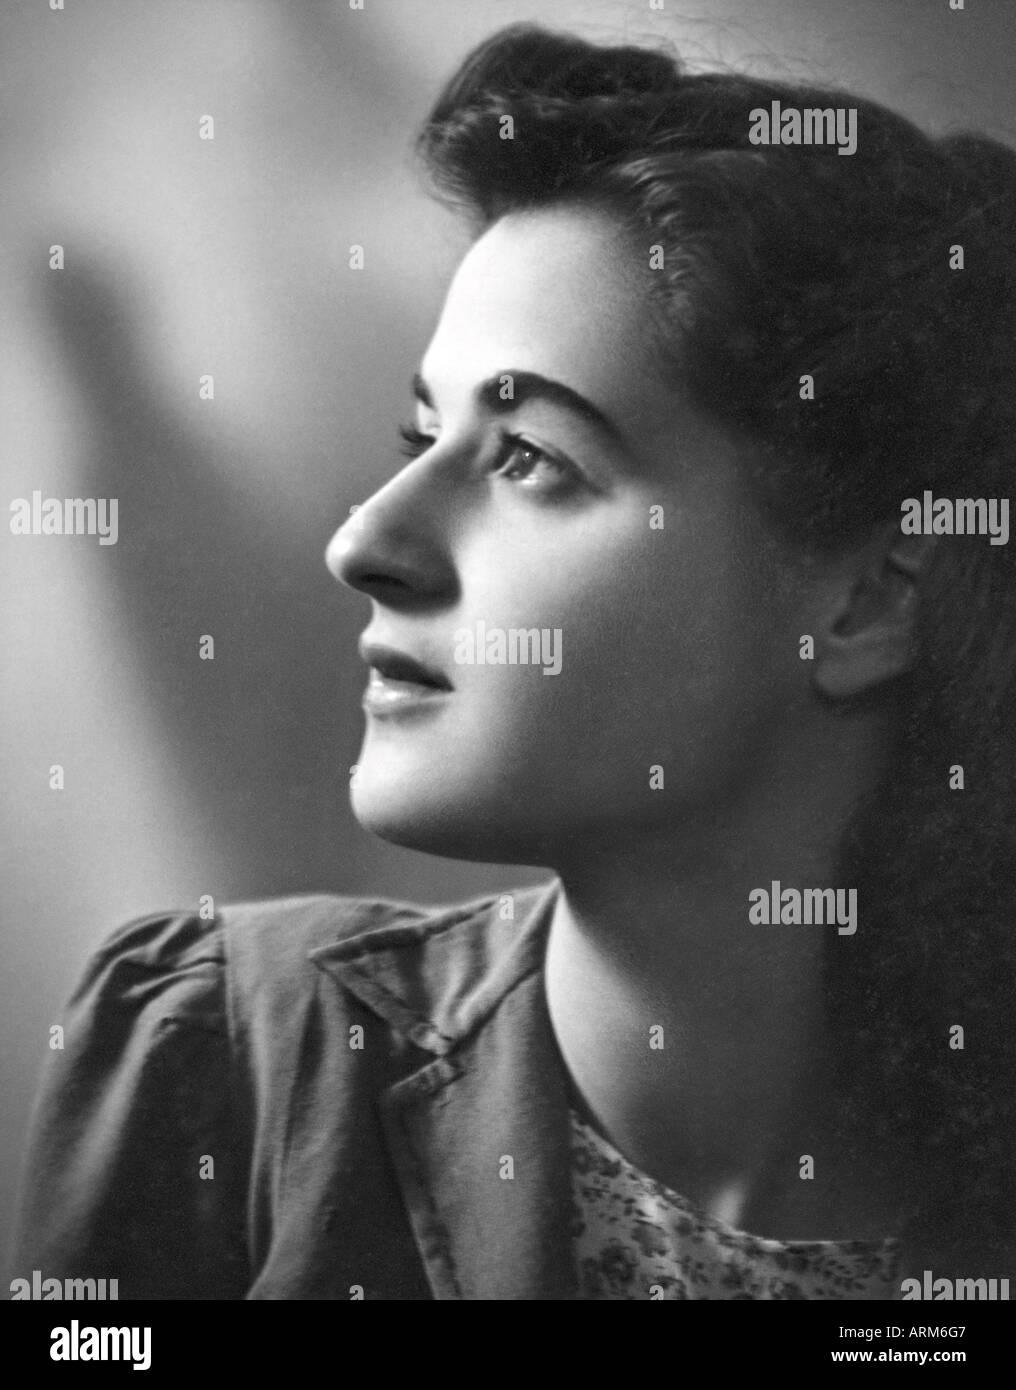 VRB101278 ragazza britannico ritratto in studio Kulri Mussorie Uttar Pradesh India 1940 s Immagini Stock